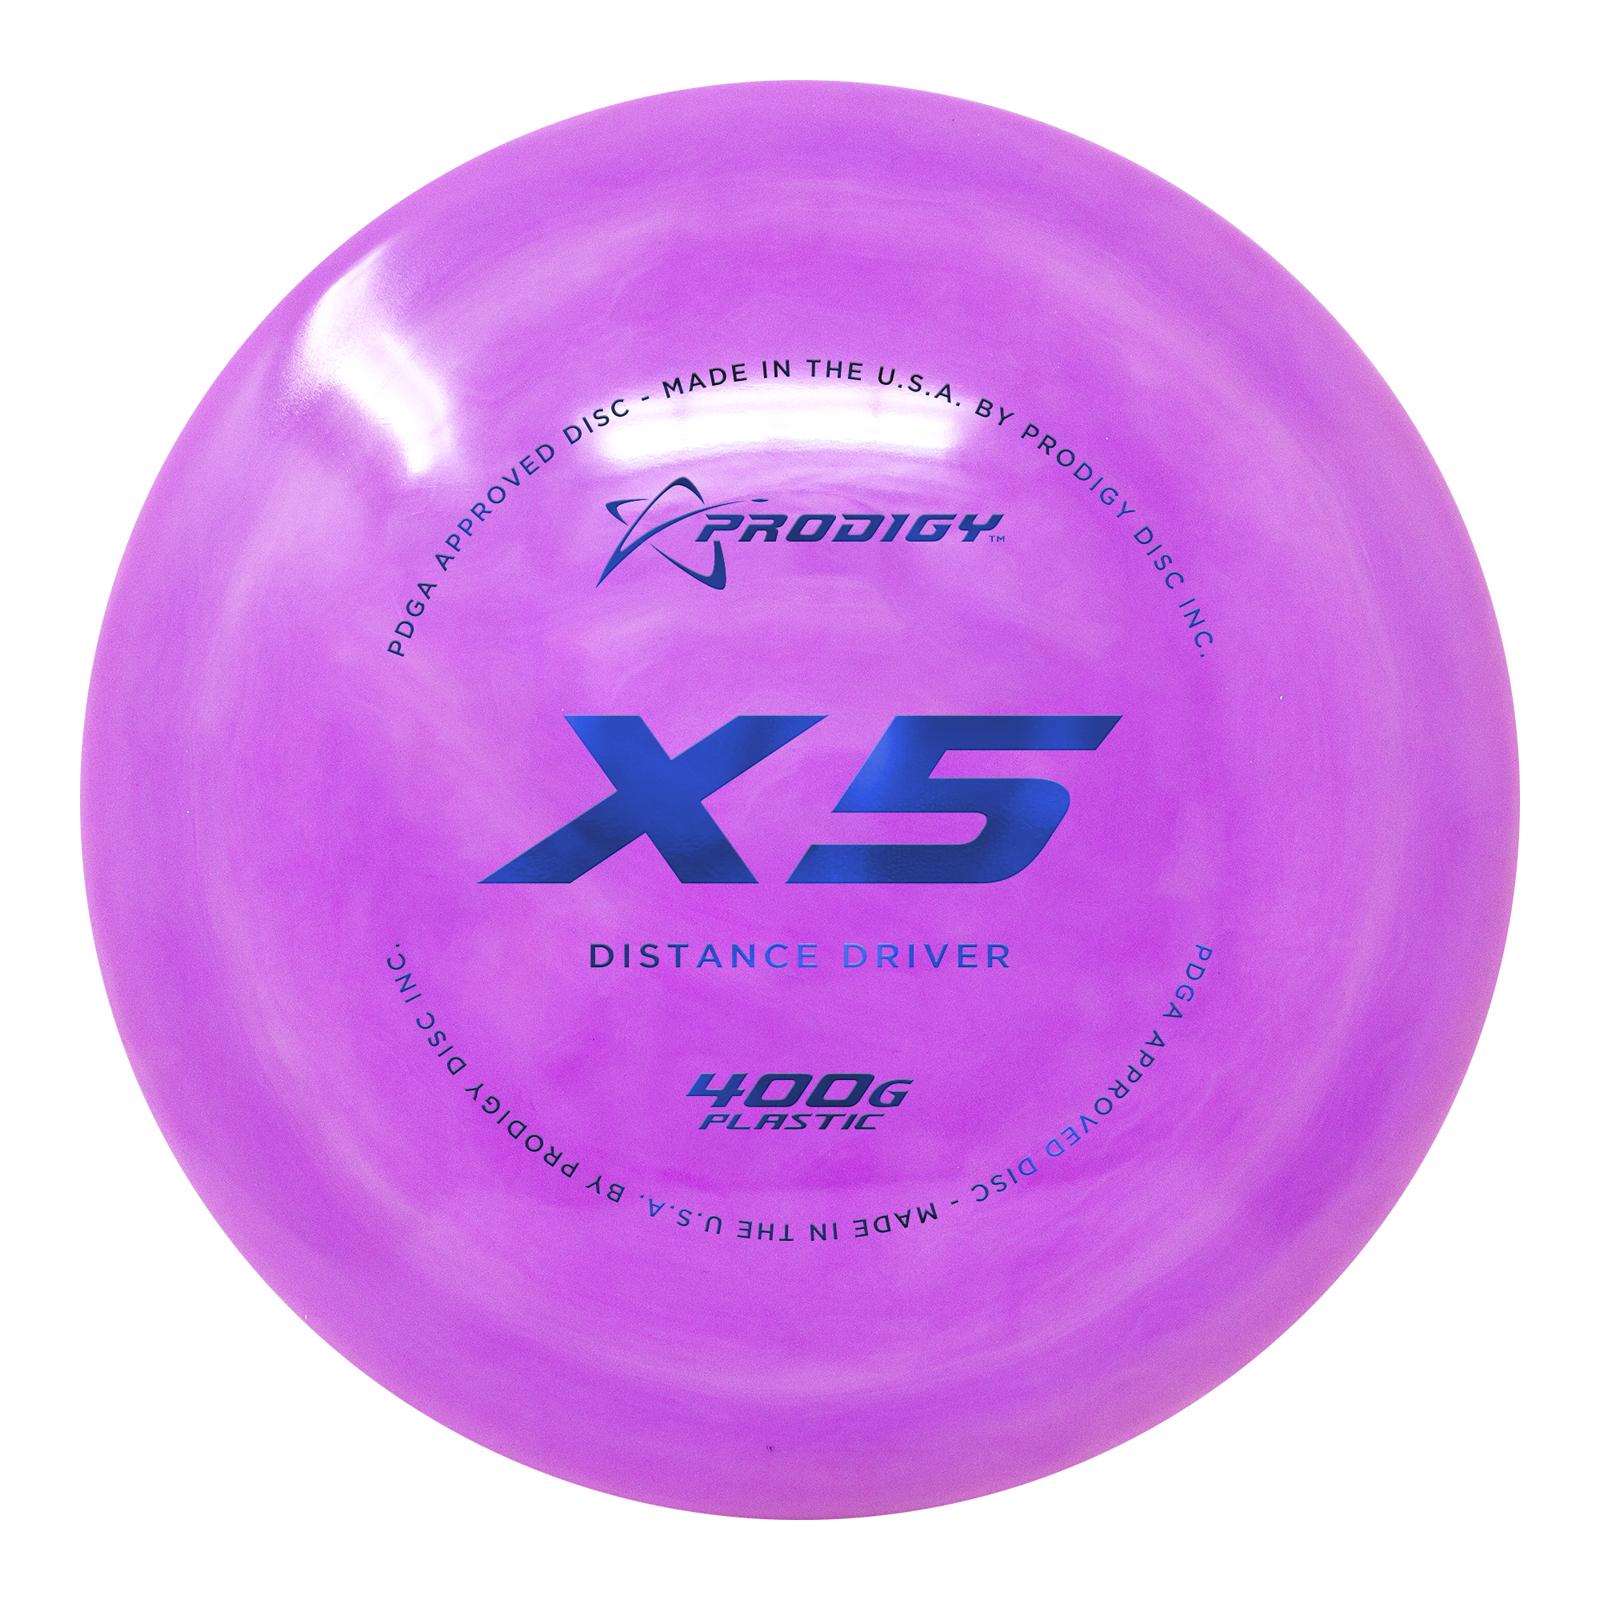 X5 - 400G PLASTIC